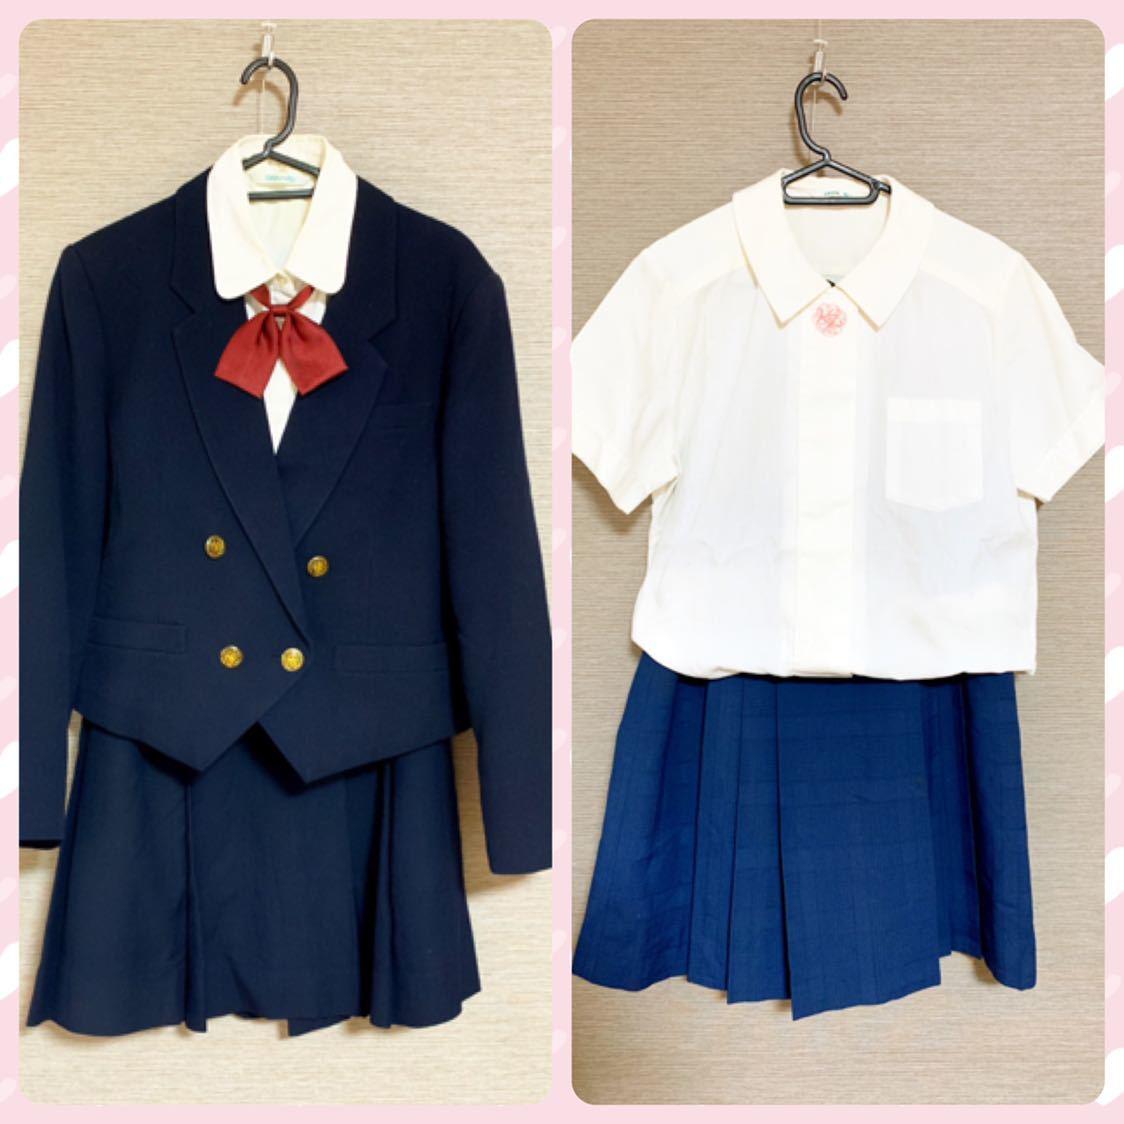 京都橘高校 女子制服セット (旧型)夏服スカート2種あり ダブルブレザー